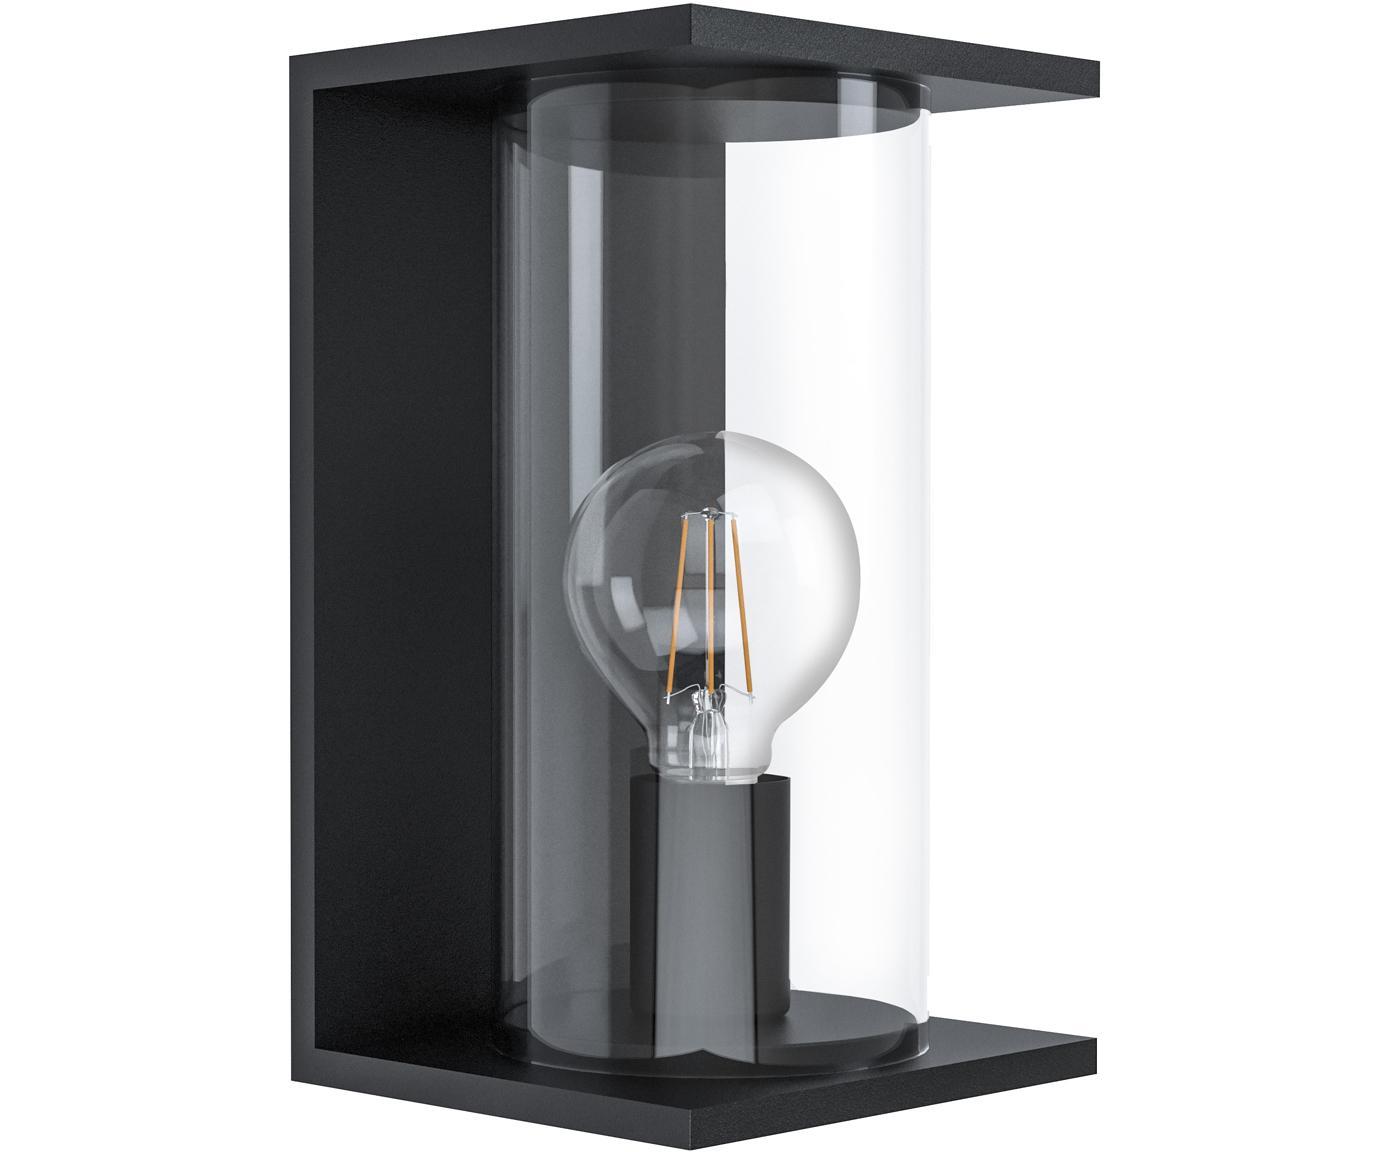 Außenwandleuchte Cascinetta, Stahl, verzinkt, Glas, Schwarz, Transparent, 17 x 28 cm